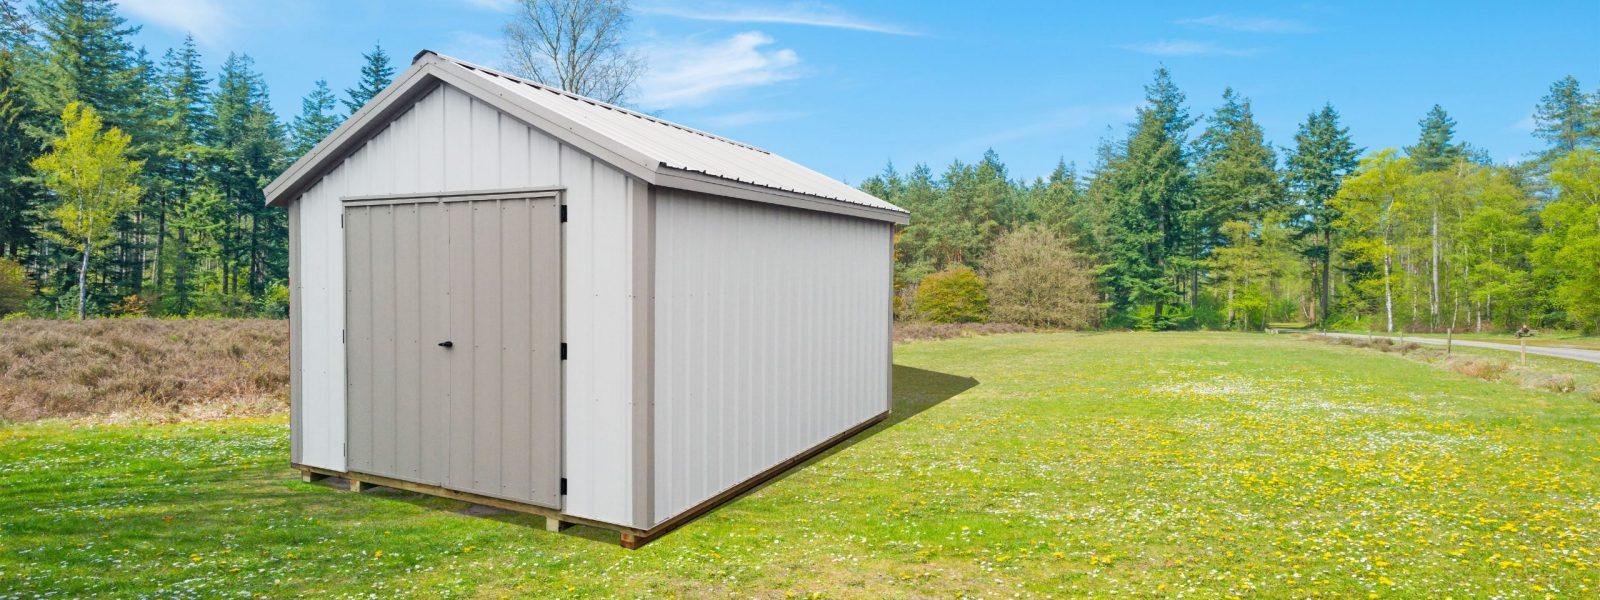 steel garden shed for sale near me in Minnesota